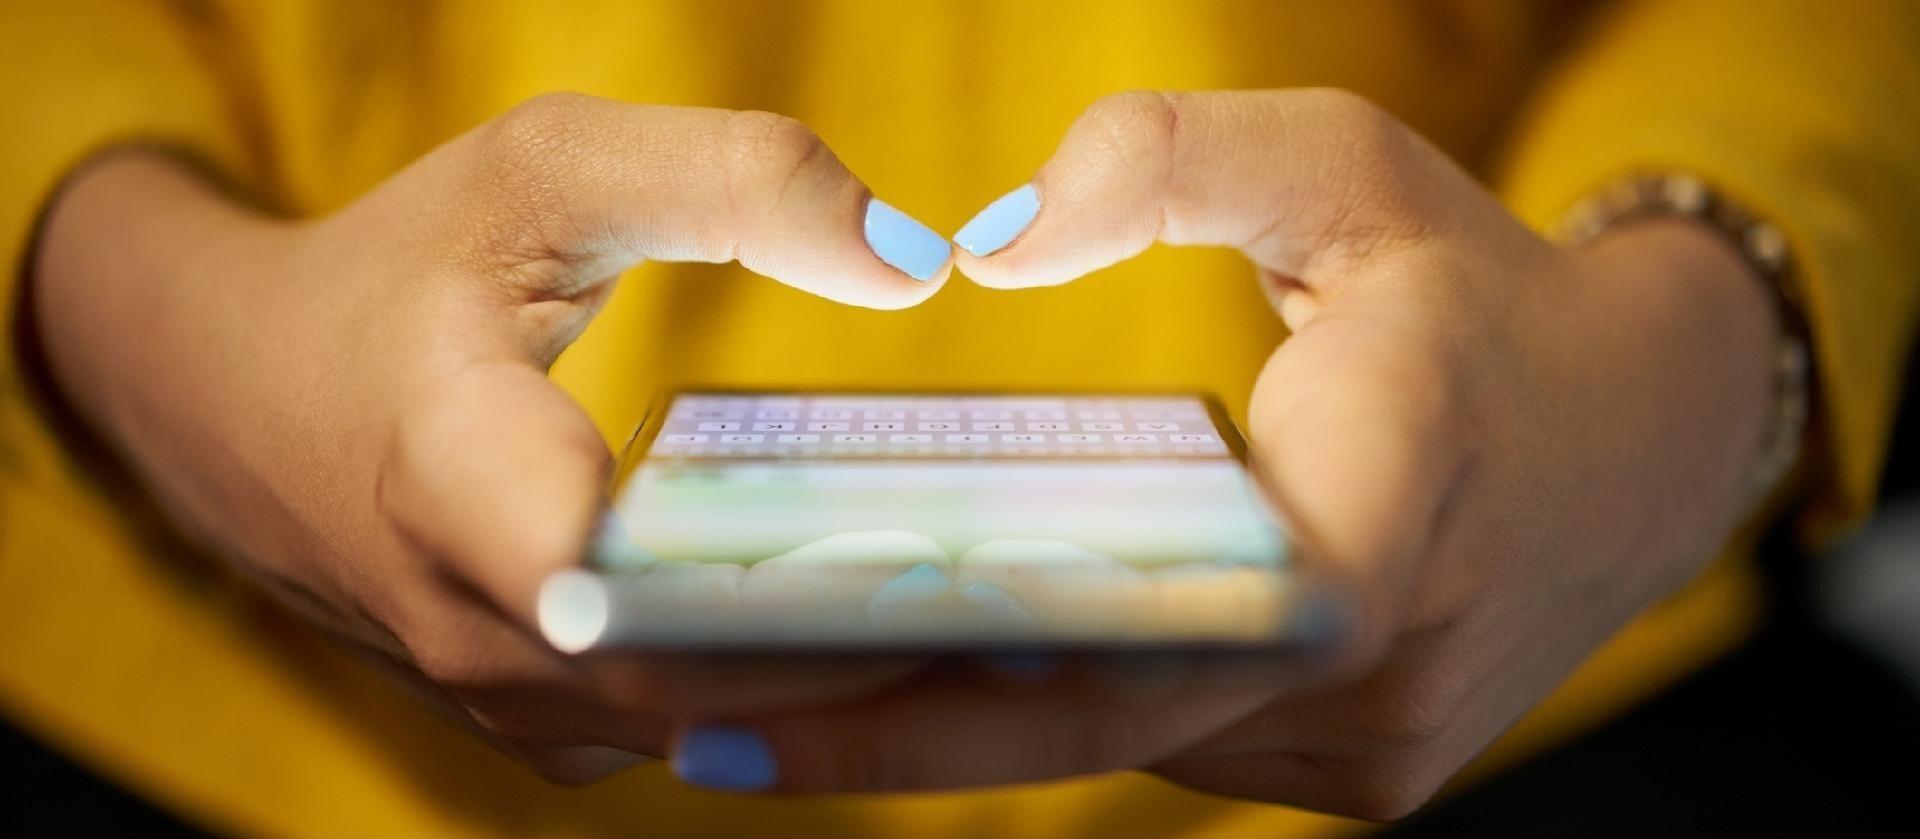 Será que vamos perder a confiança nas marcas de tecnologia?